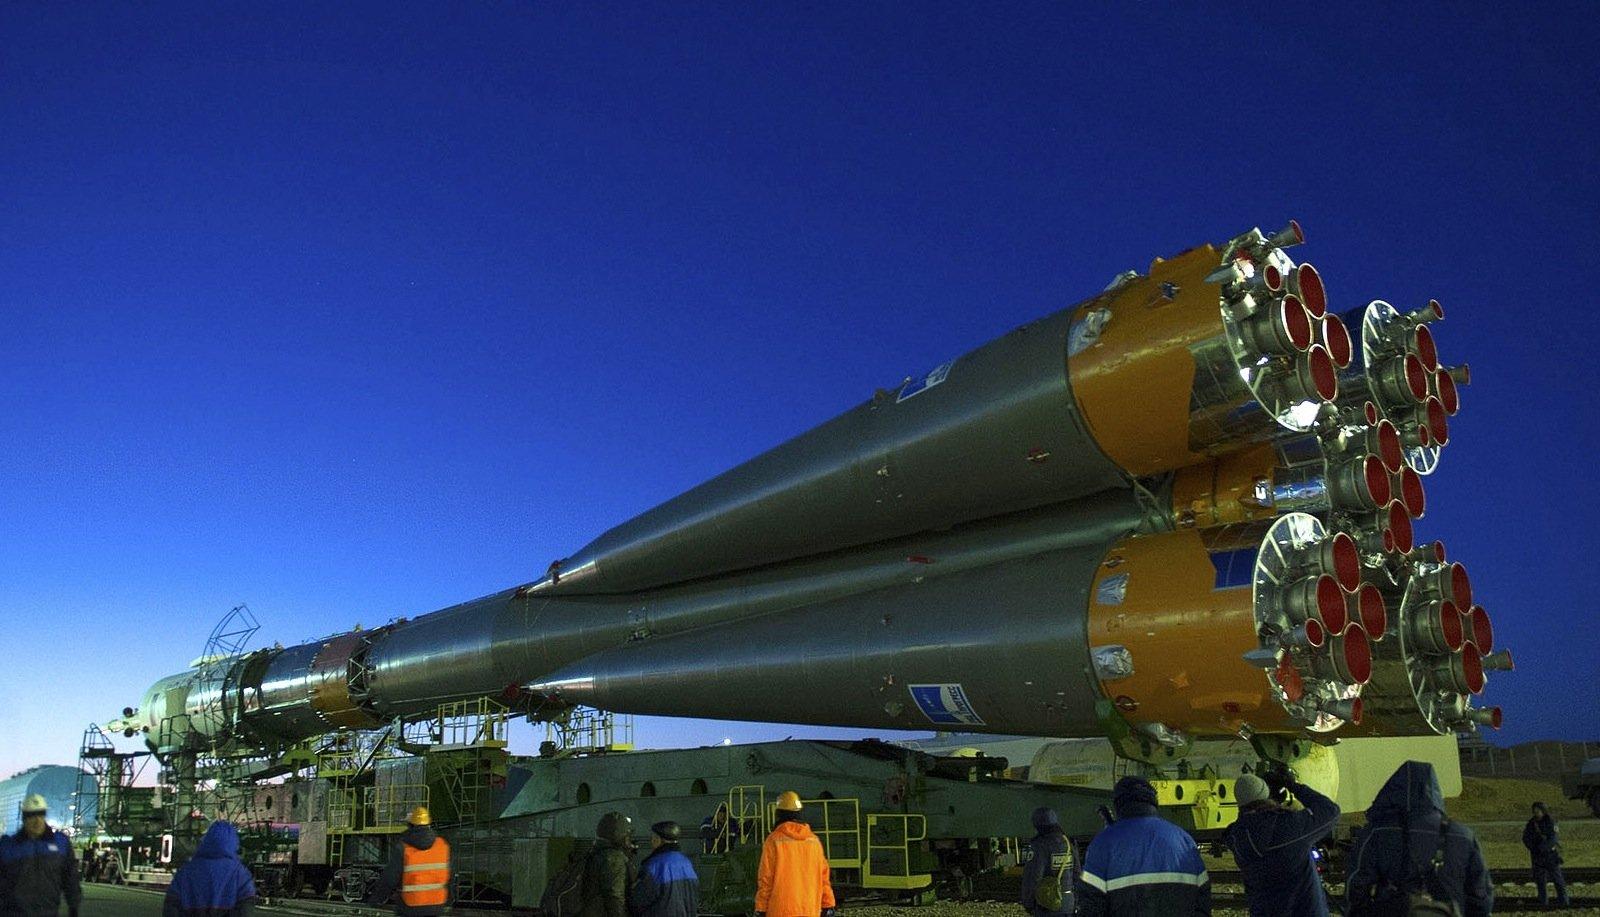 Die Trägerrakete mit der Sojuskapsel rollt zur Abschussrampe auf dem Weltraumbahnhof Baikonur.